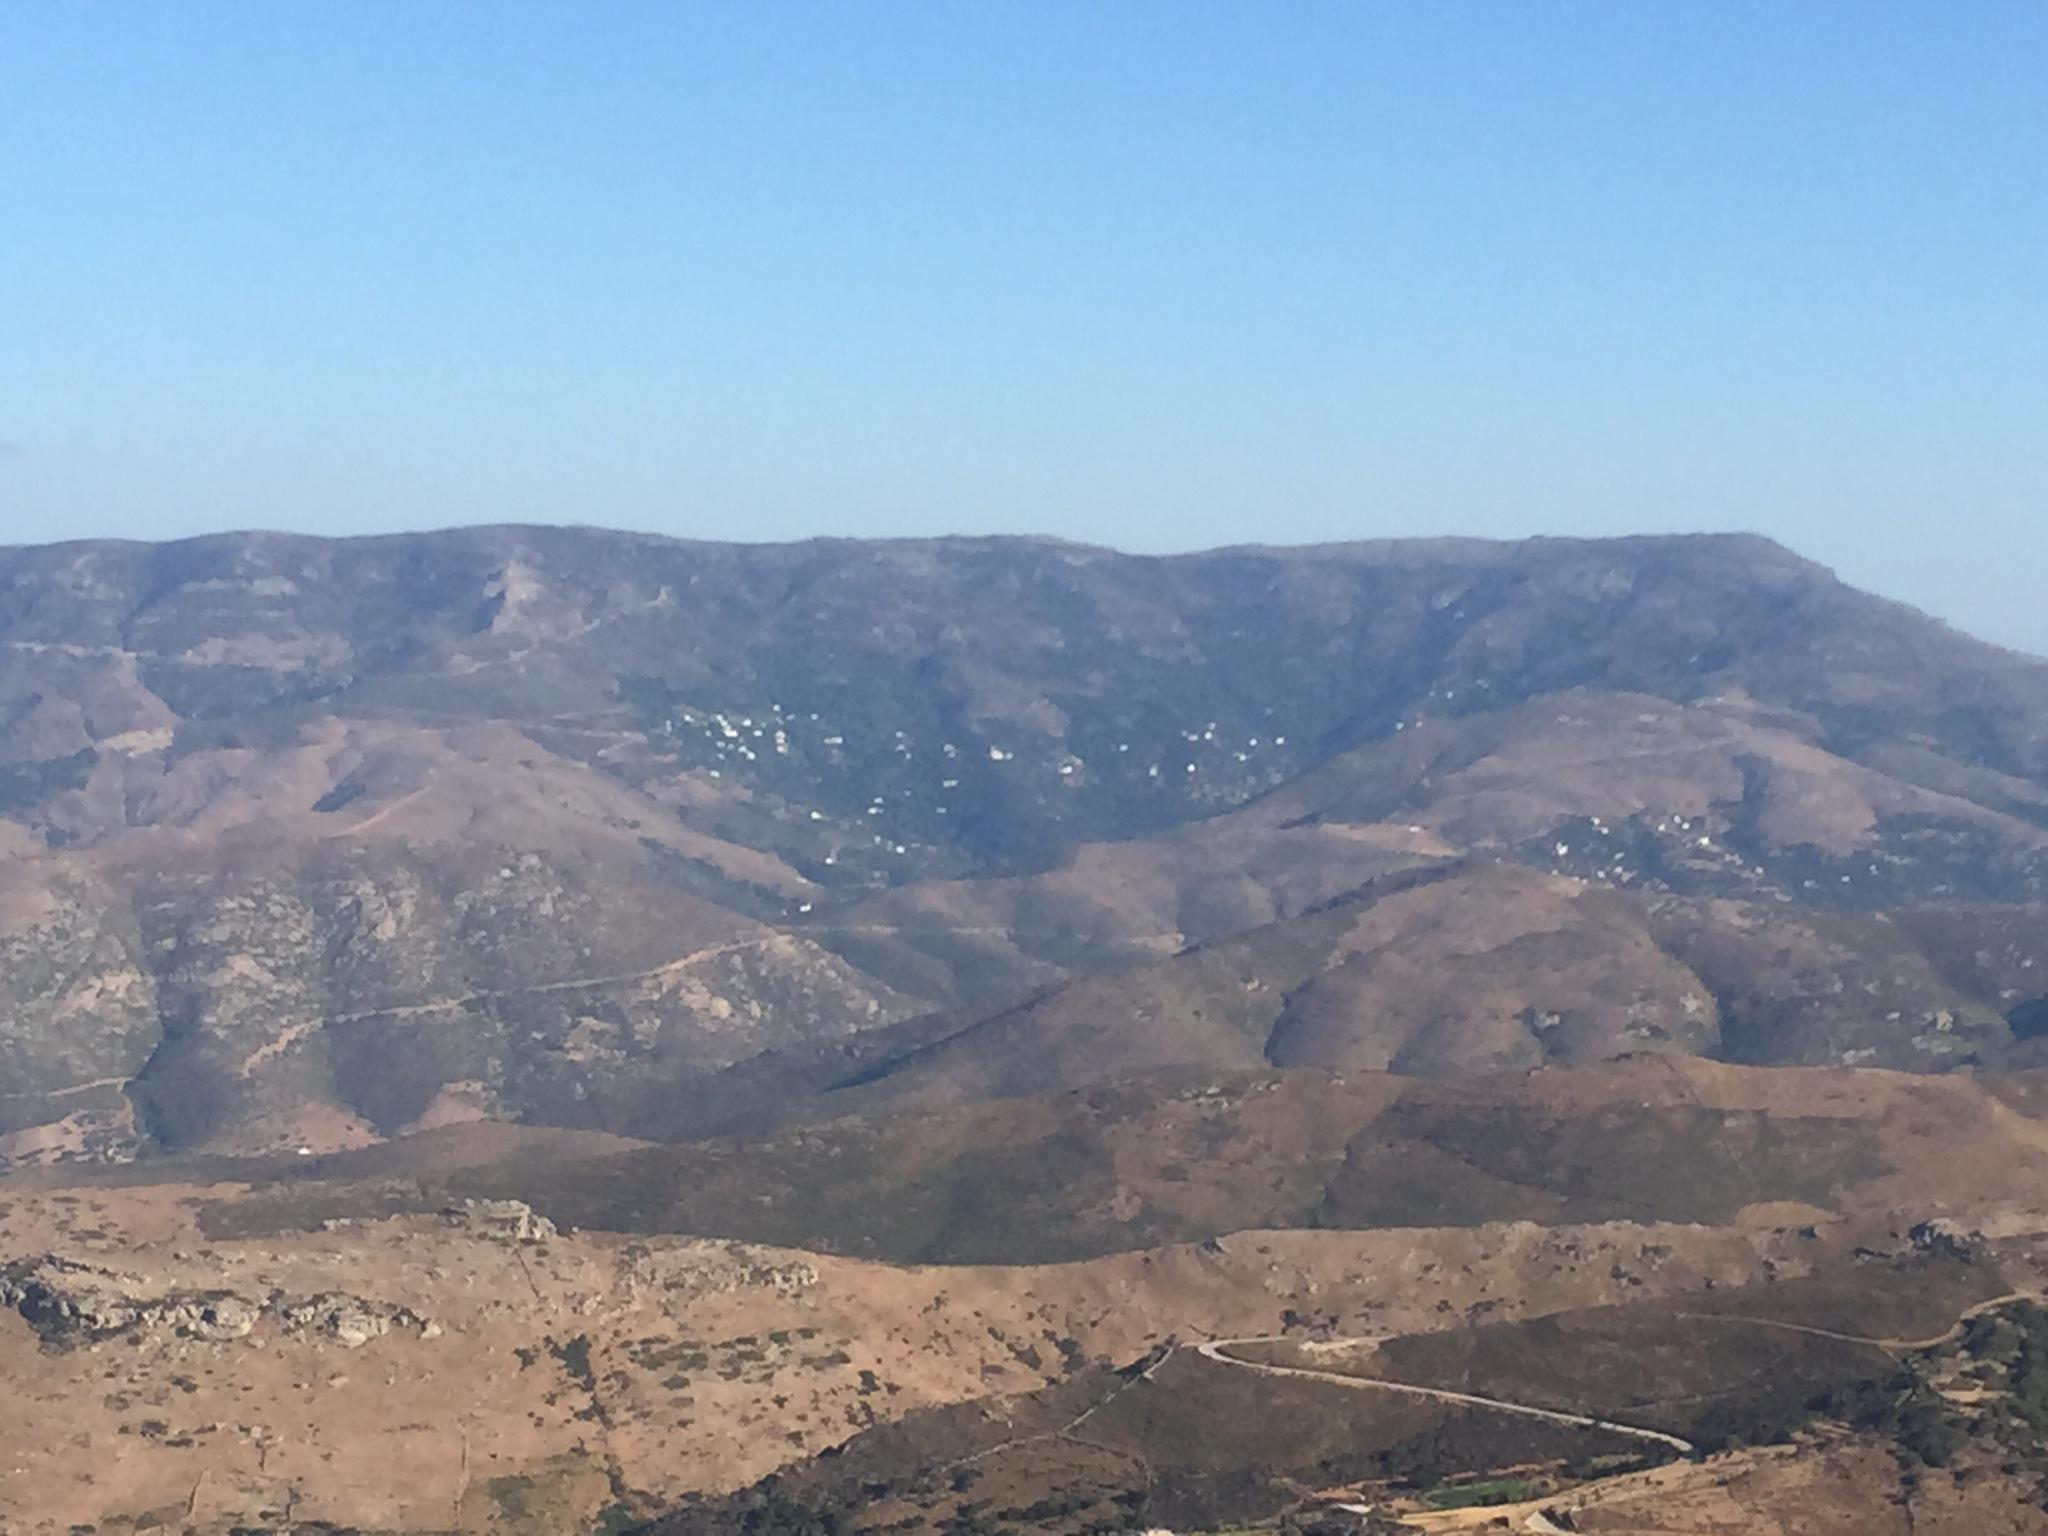 The village of Arni